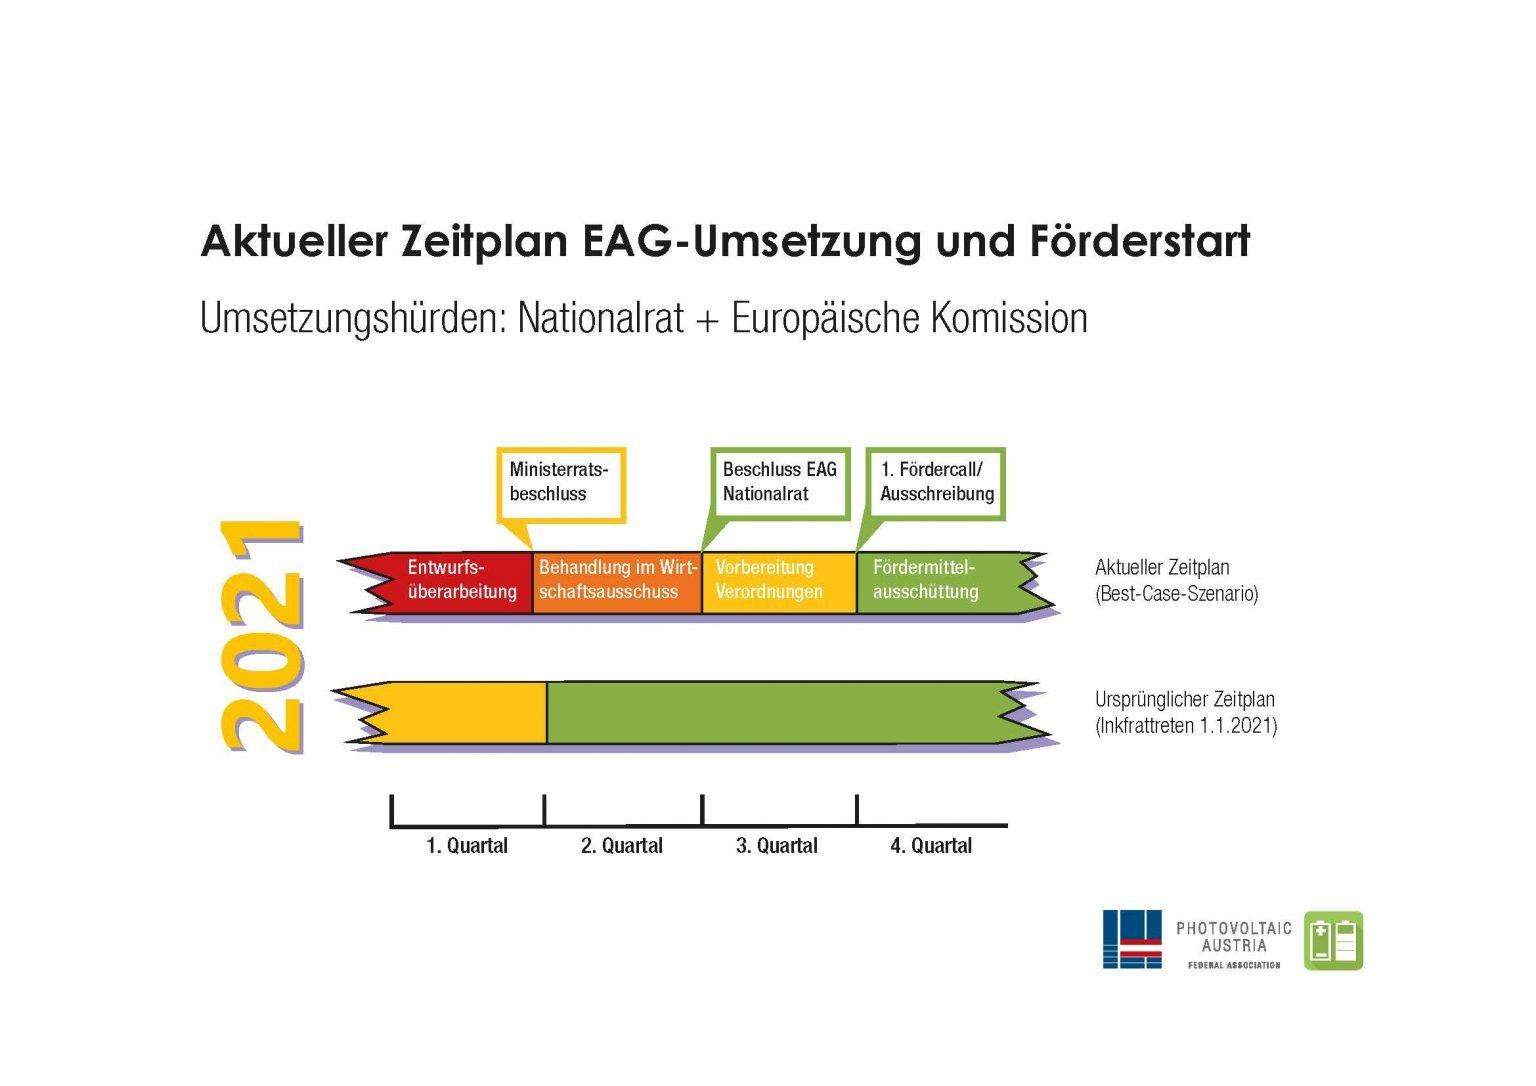 Grafik AktuellerZeitplan EAG 21 04 2021 | Photovoltaik Österreich